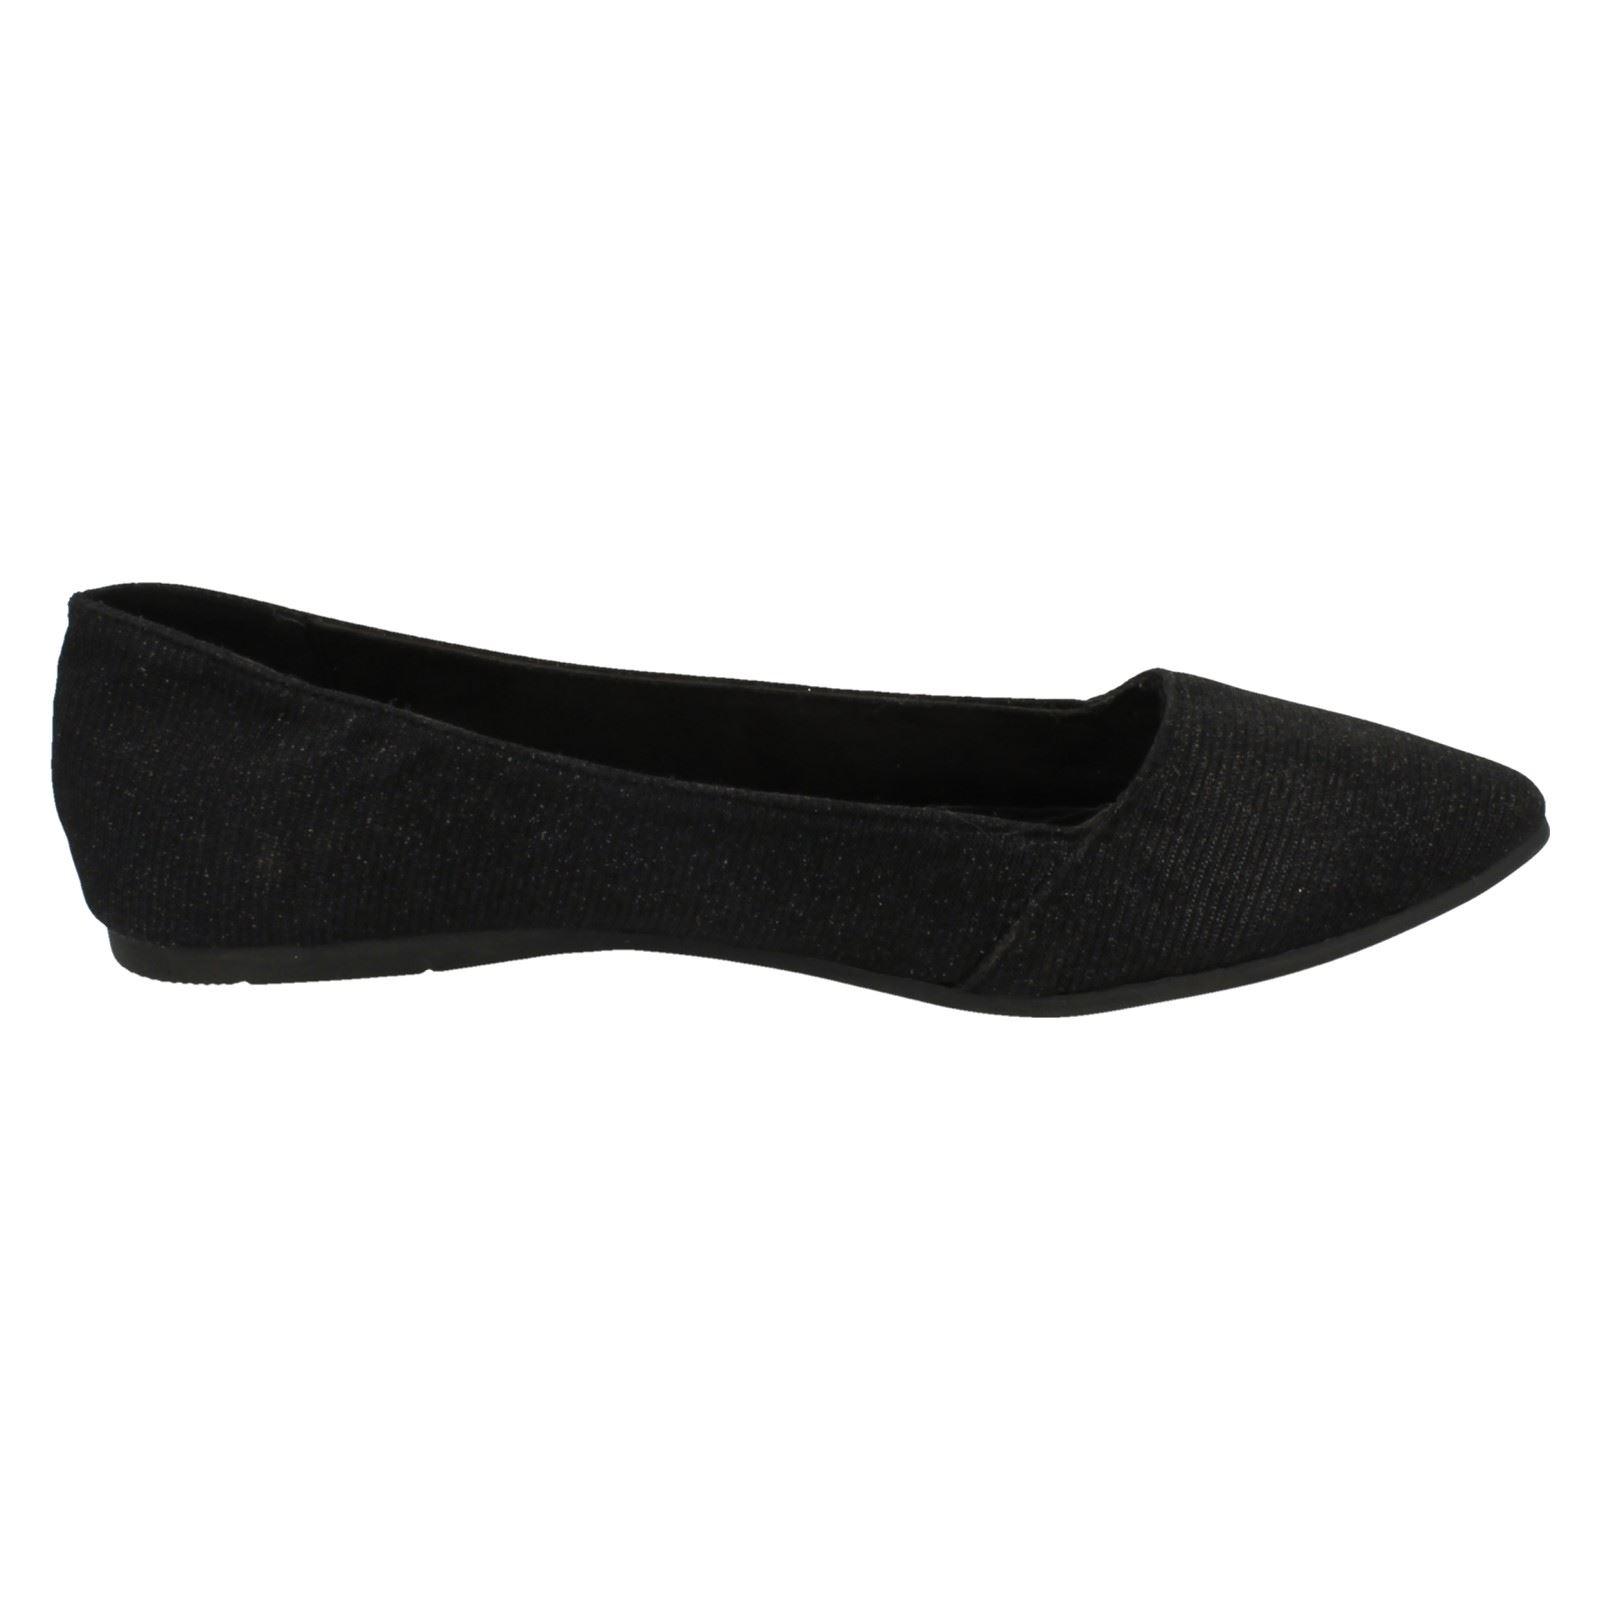 Ladies Spot On Flat Pointed Toe Slip On Ballerina